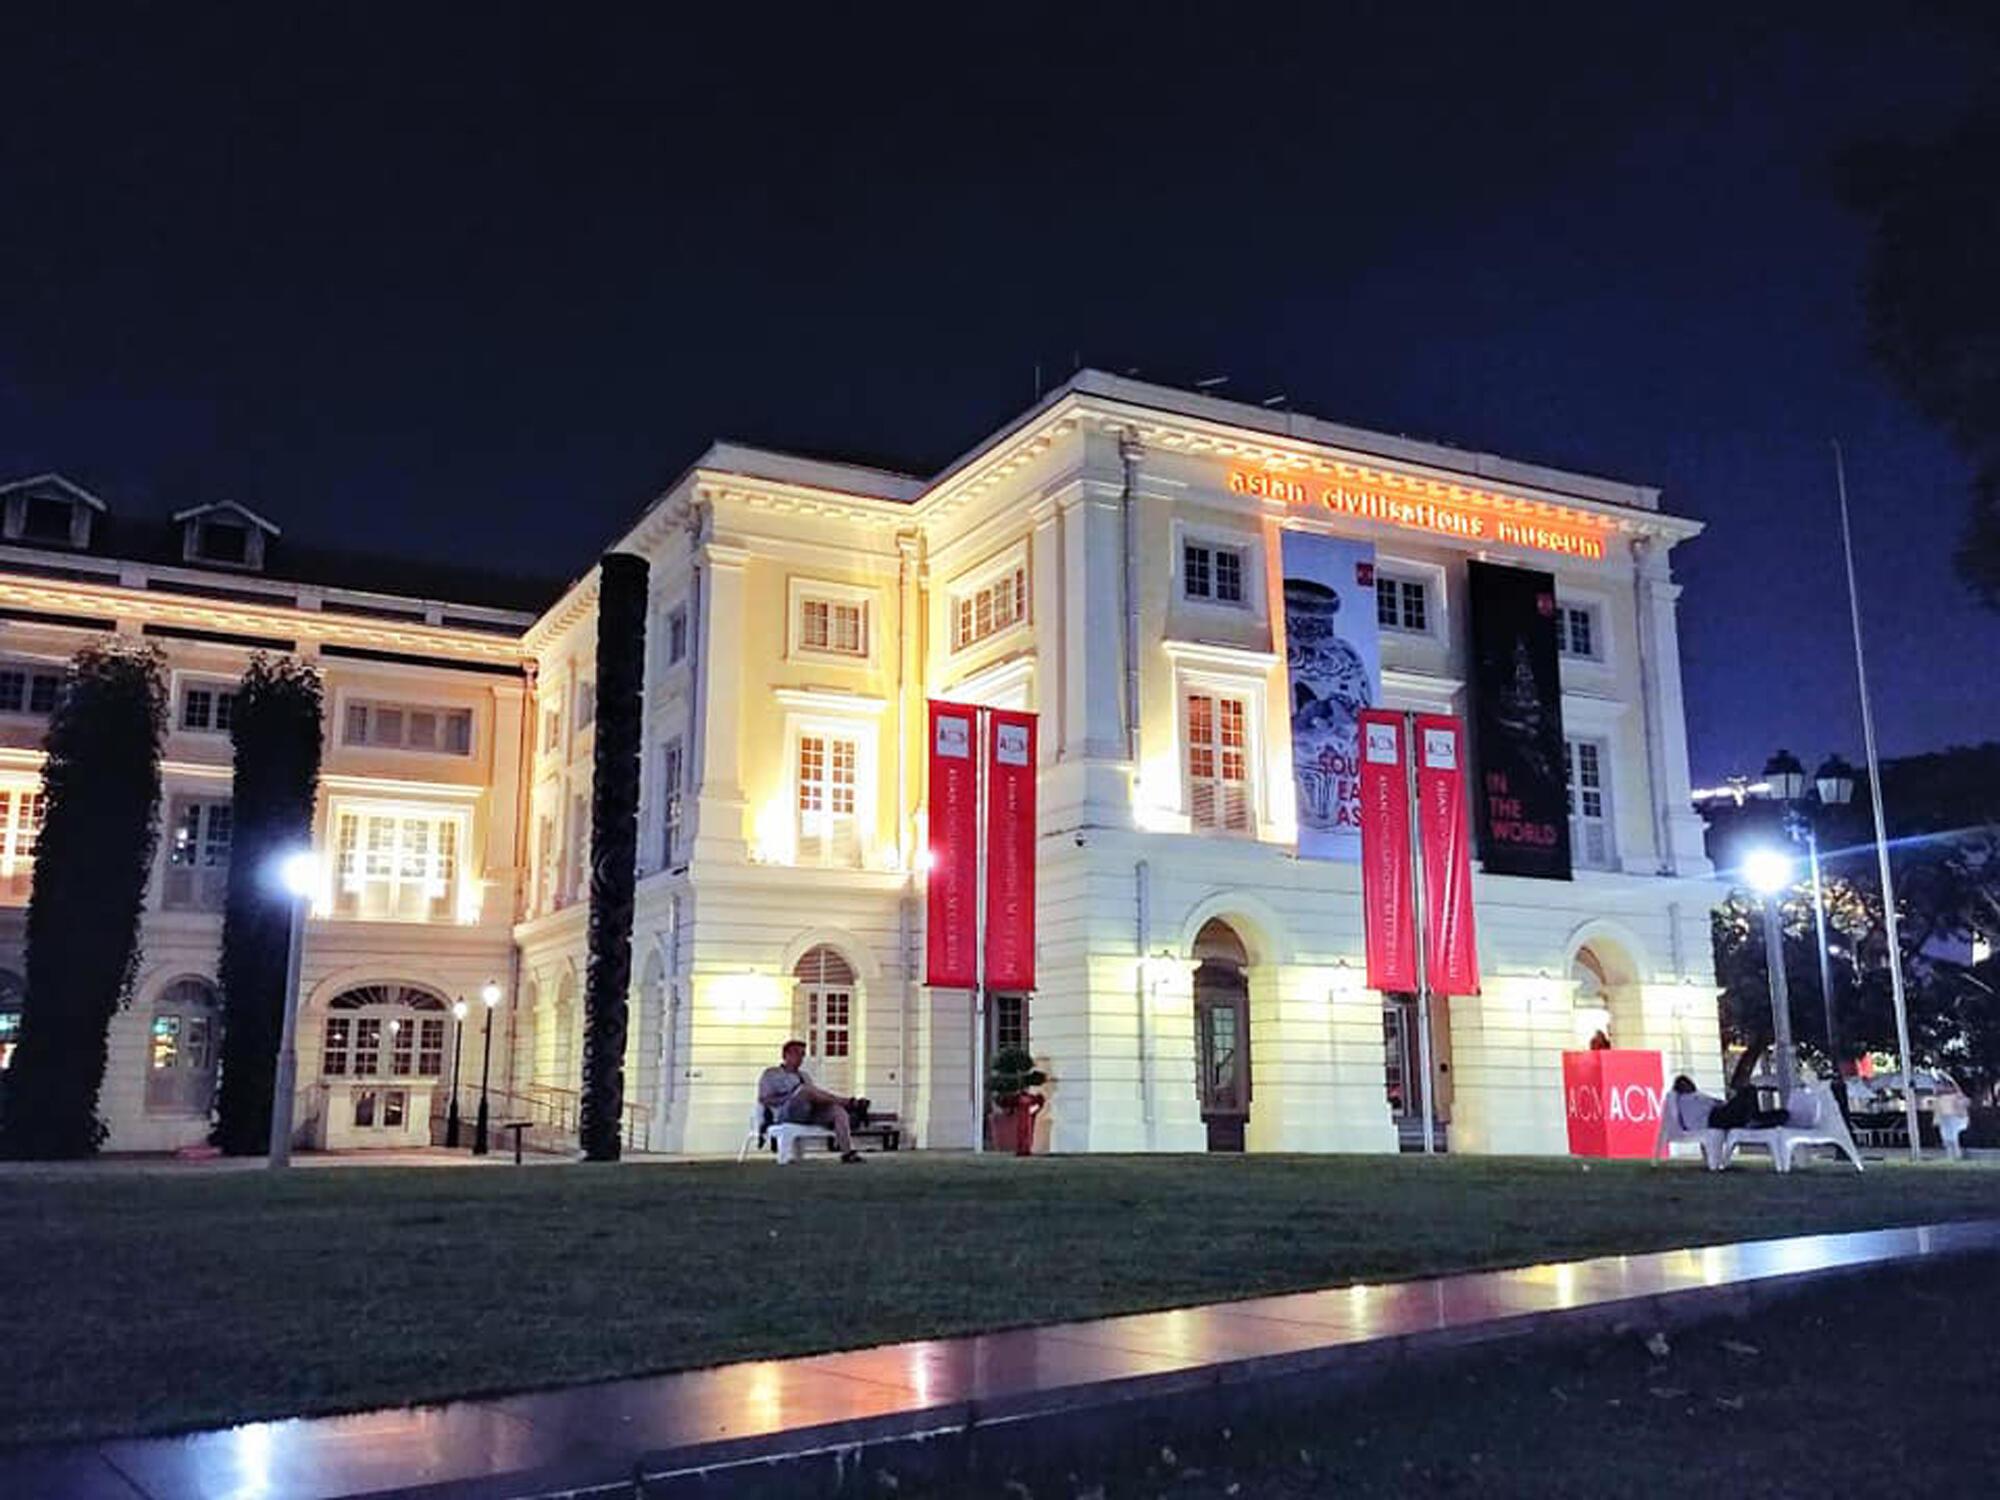 """Viện bảo tàng các nền Văn minh châu Á tổ chức triển lãm """"Raffles in South East Asia"""" từ ngày 01/02 đến 28/04/2019"""